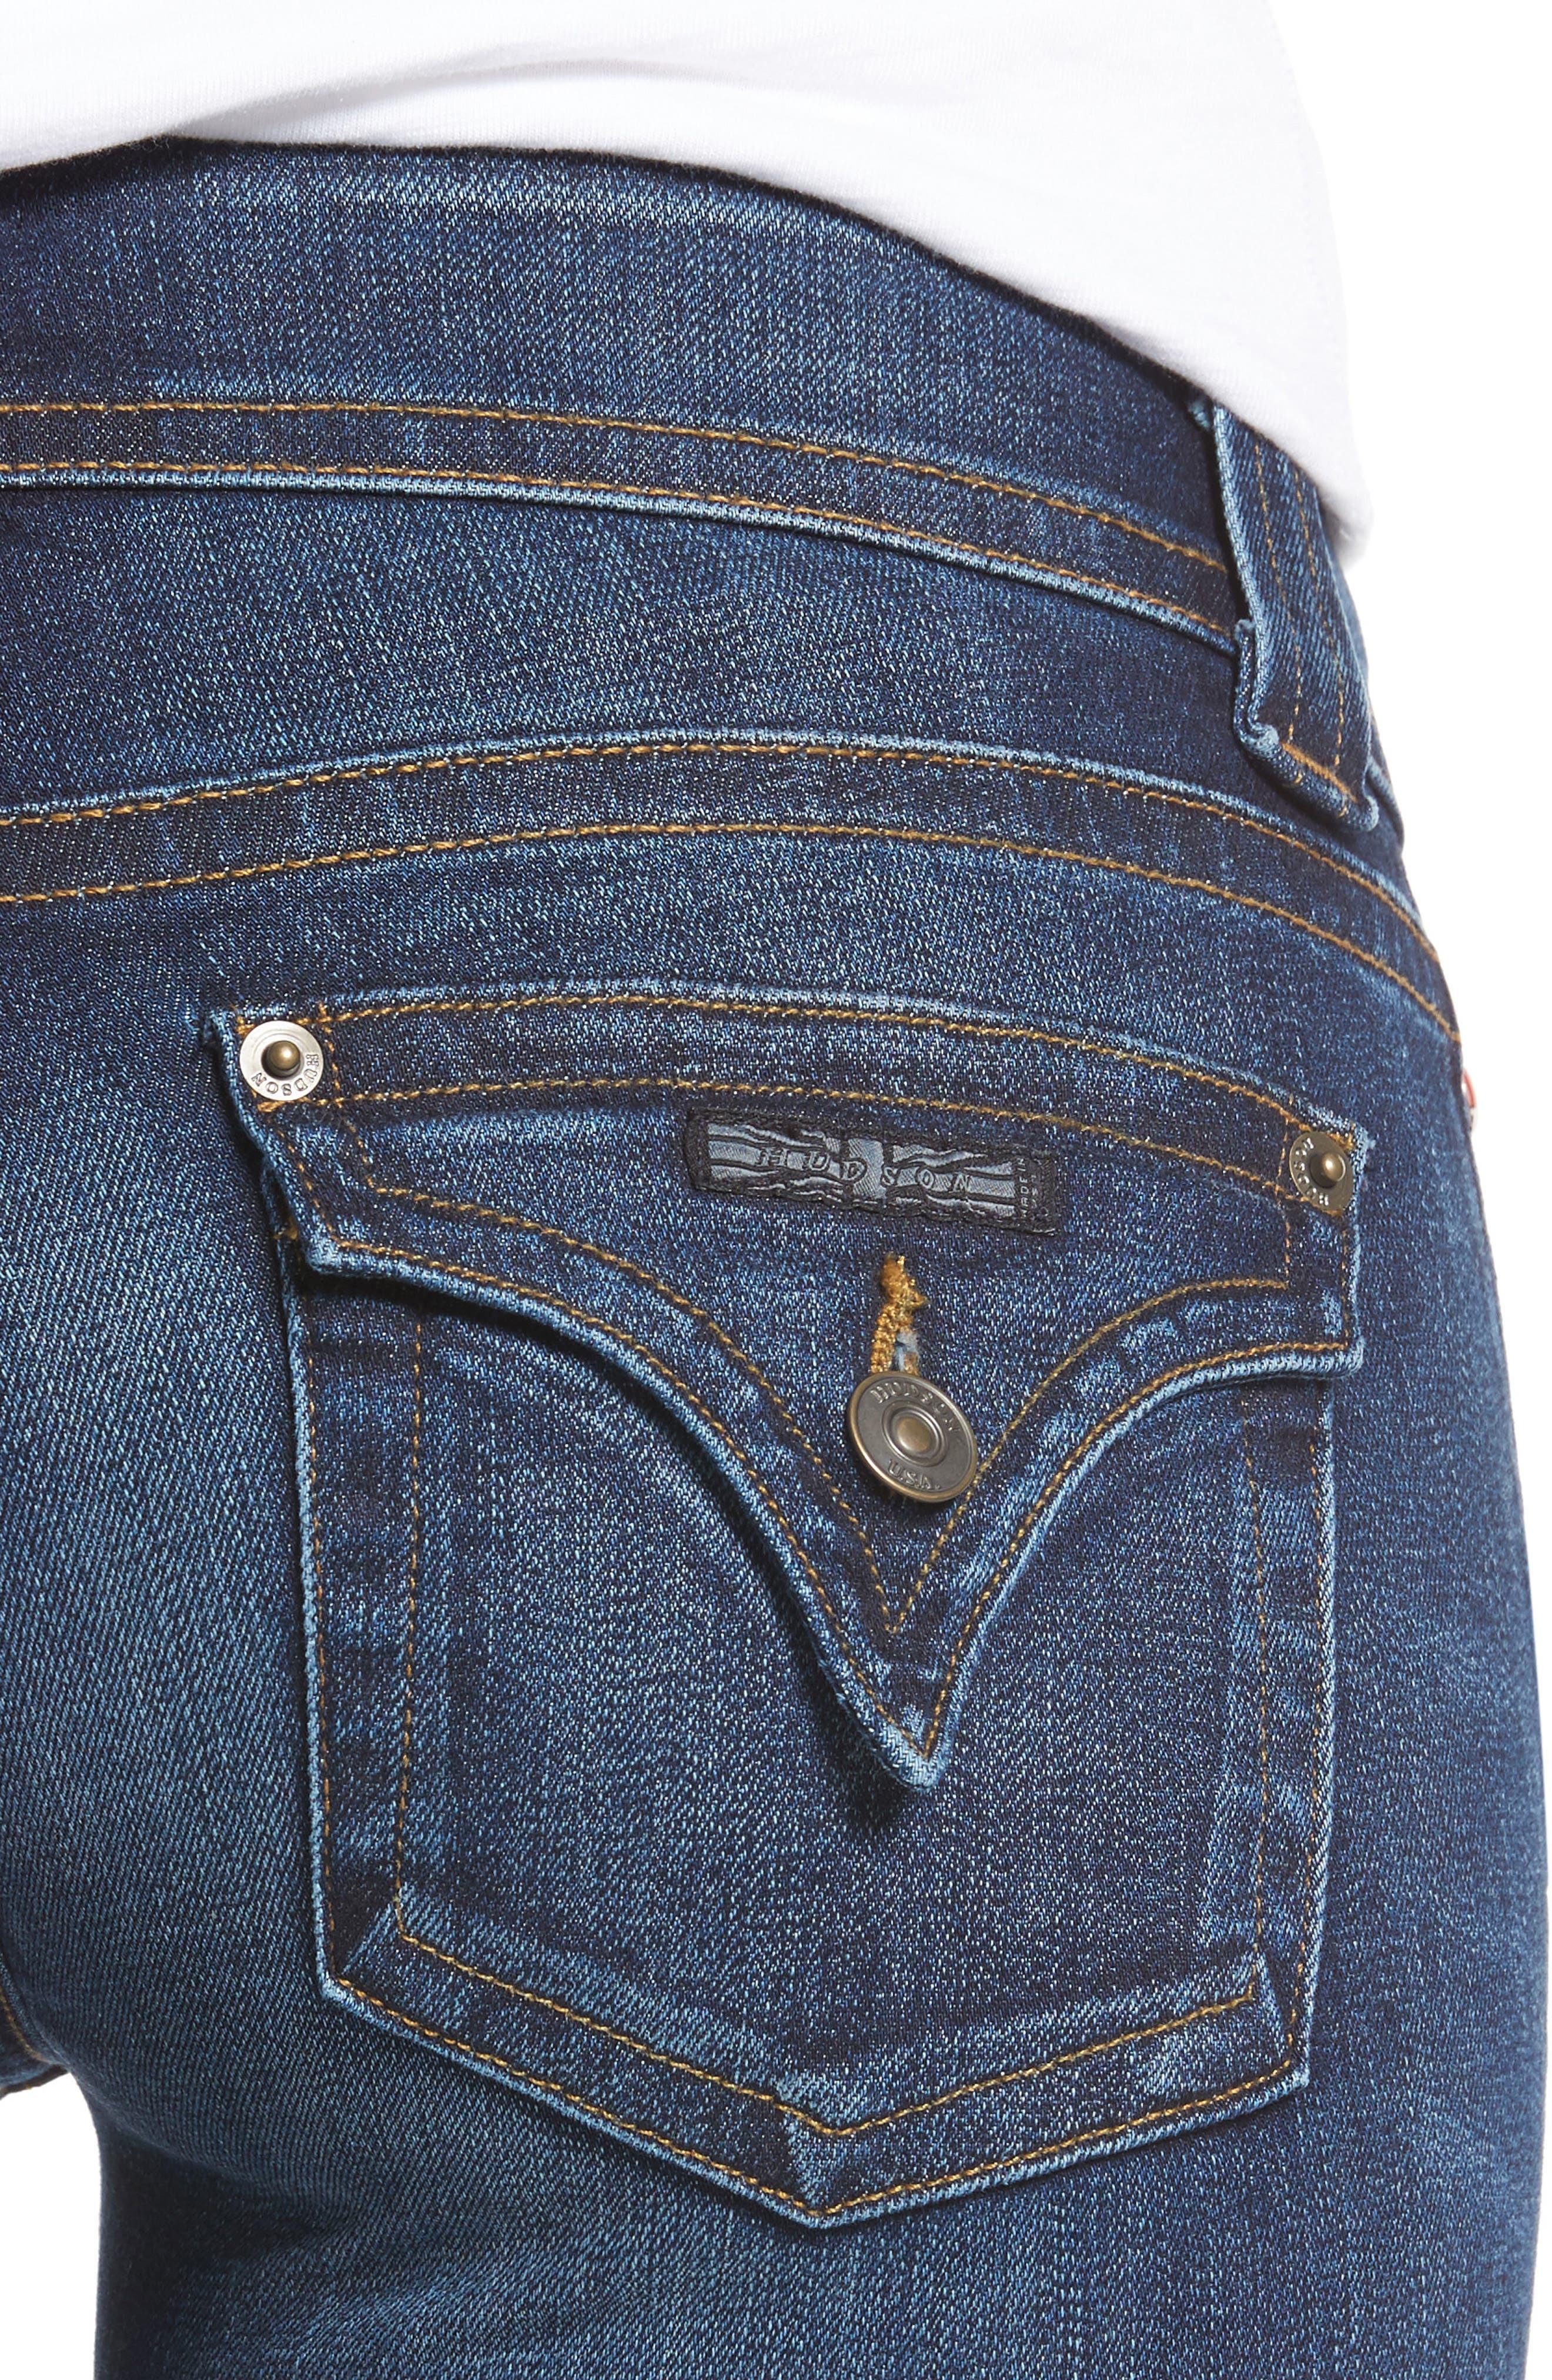 Signature Petite Bootcut Jeans,                             Alternate thumbnail 4, color,                             PATROL UNIT